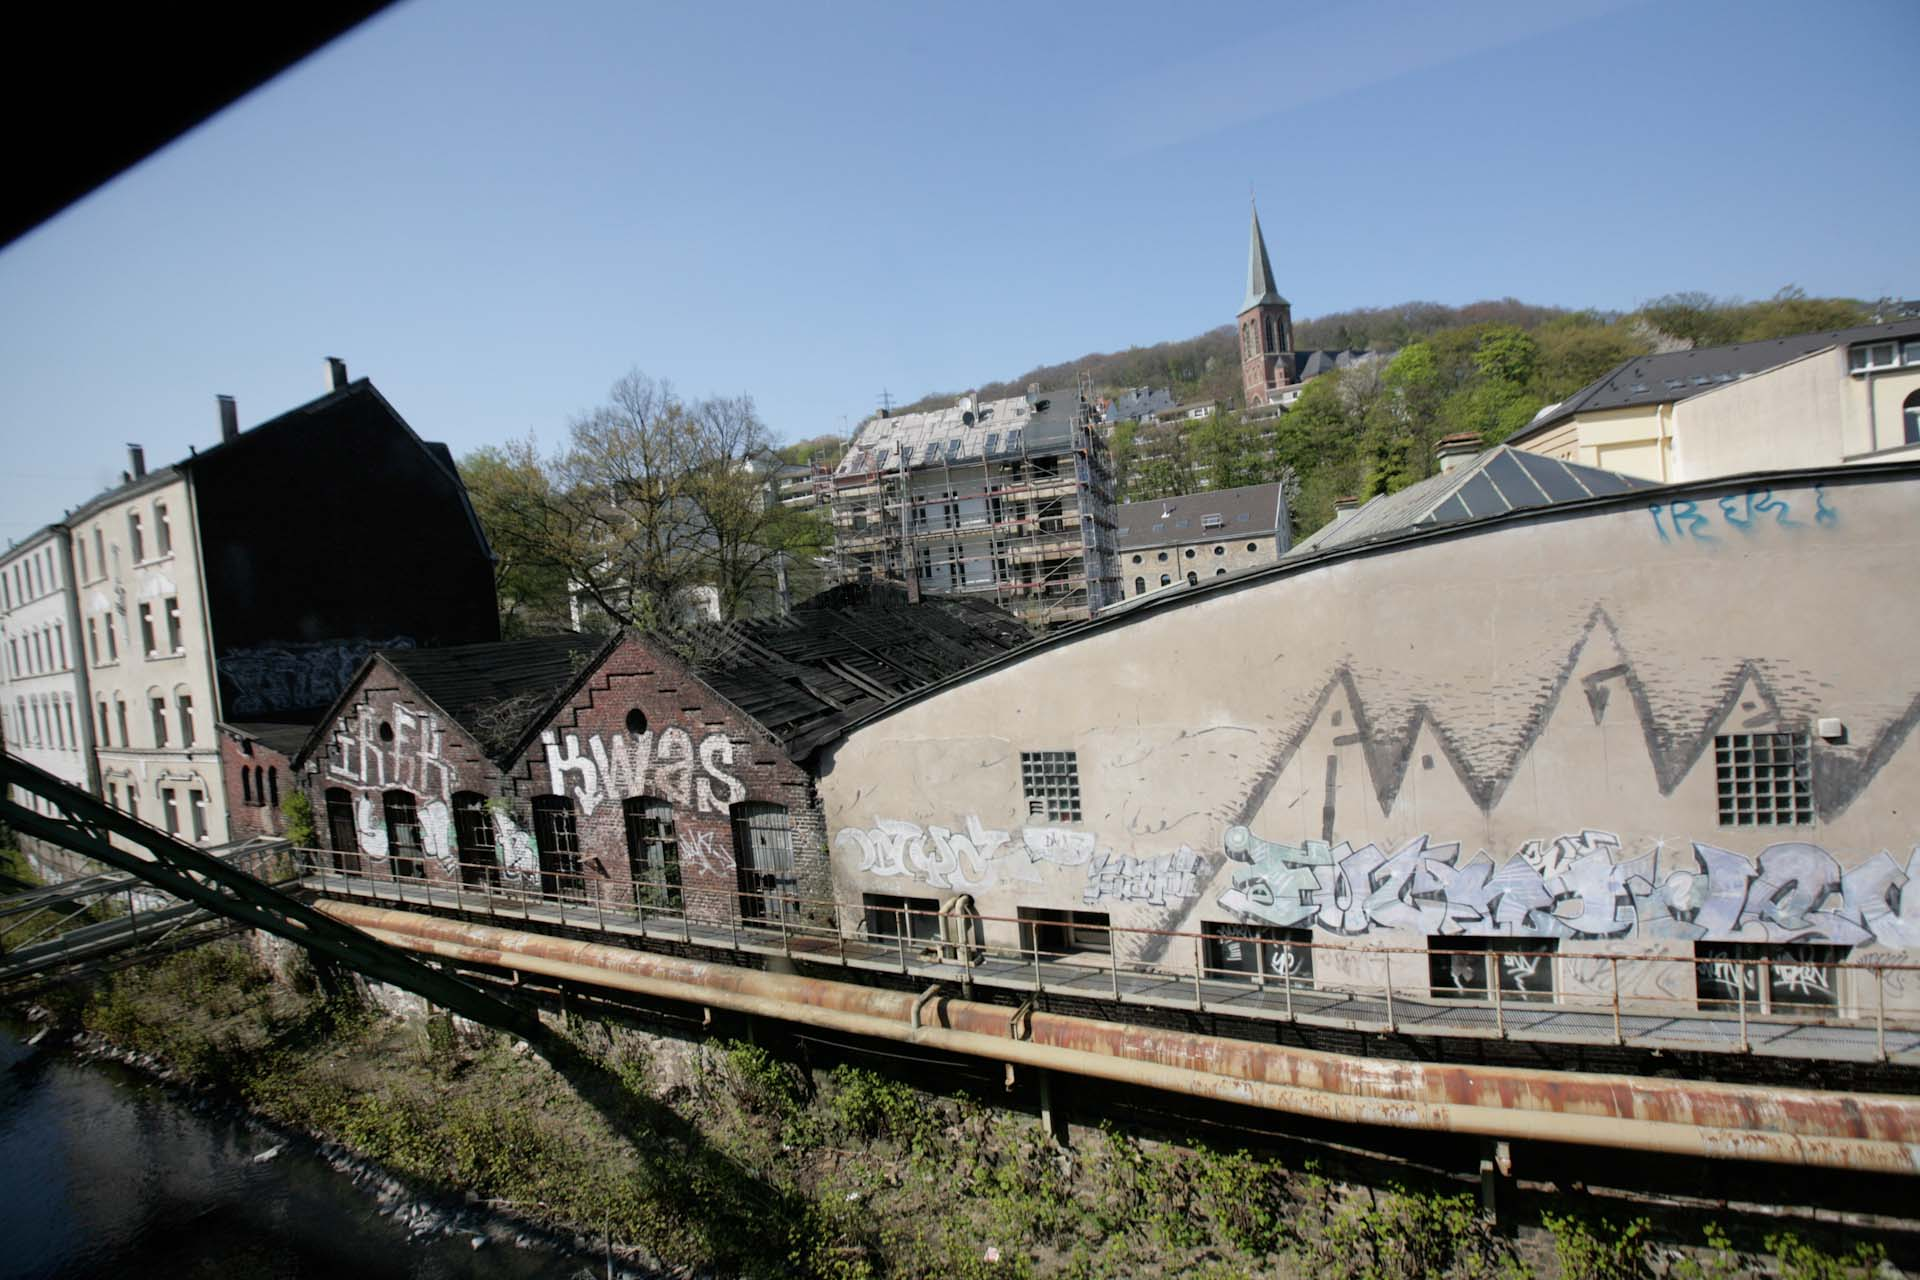 Eine Fahrt ist auch eine Reise durch die frühe Industriegeschichte Deutschlands